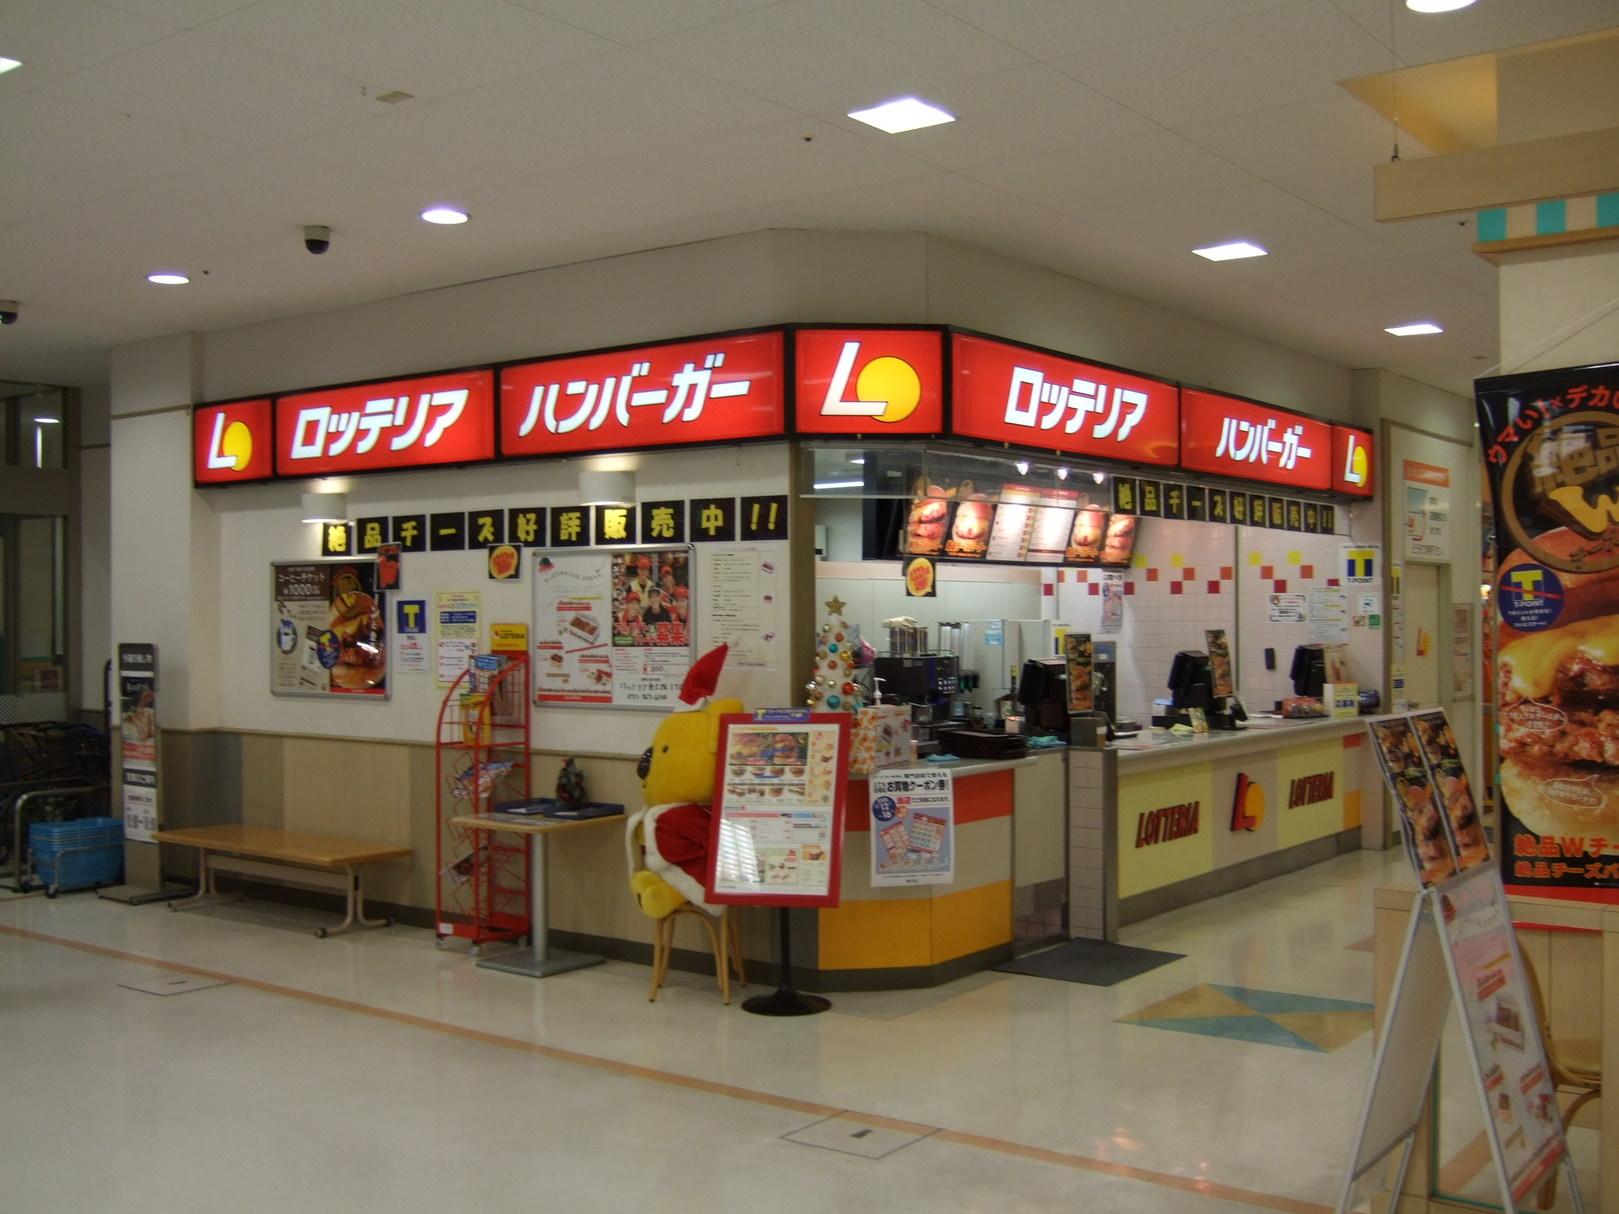 ロッテリア 東大阪イトーヨーカドー店